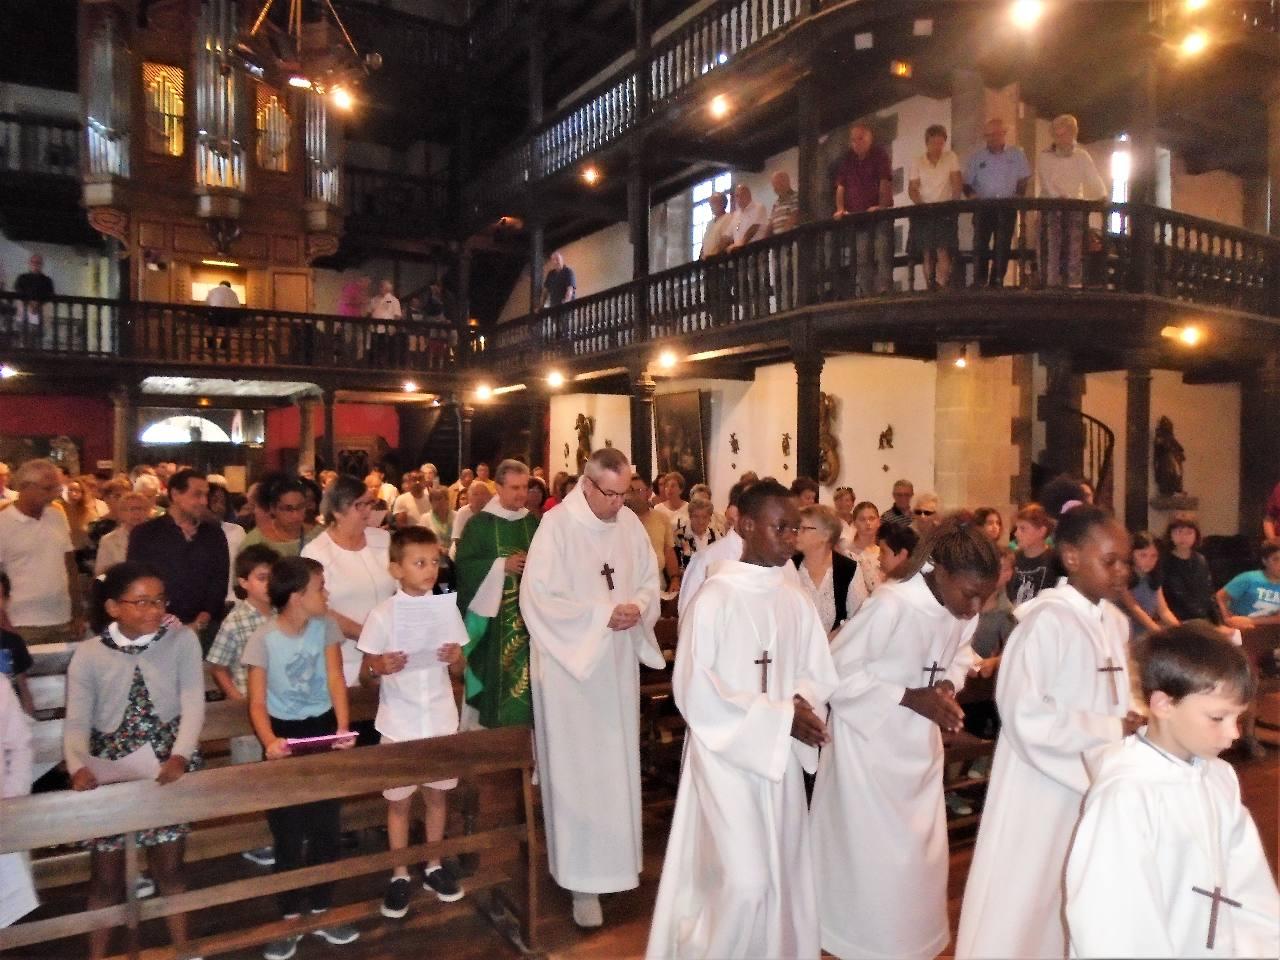 Chacun salue l'autel. Jésus le Christ est à la fois le prêtre, l'autel et la victime